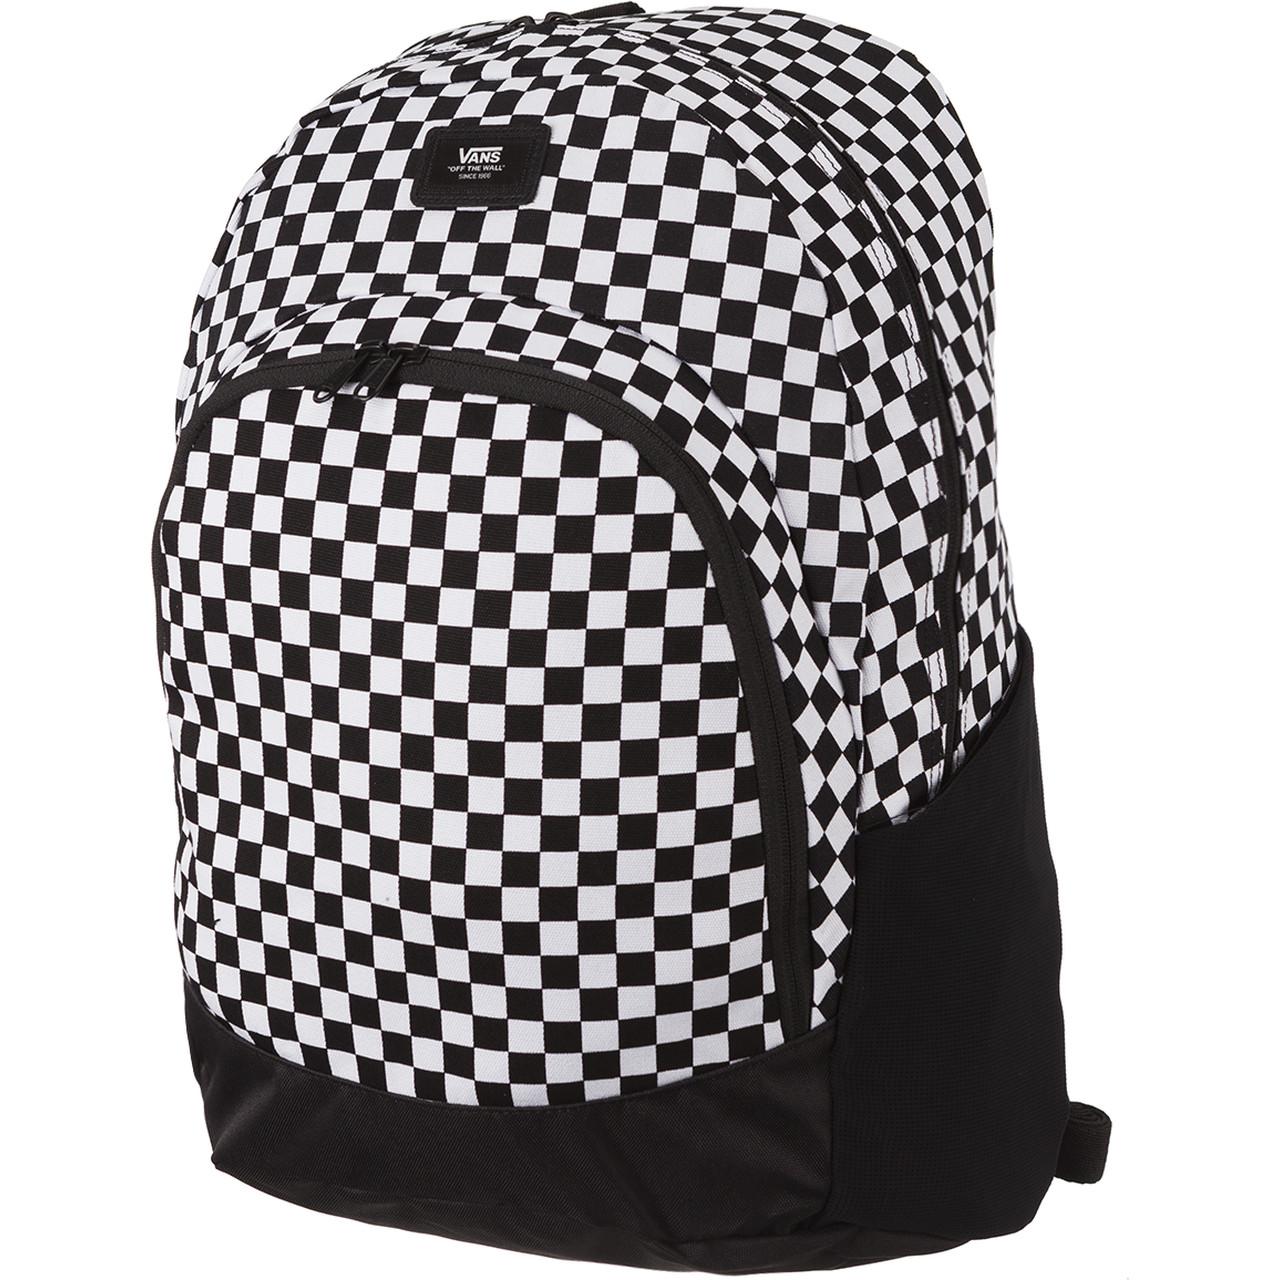 plecak vans biało czarny